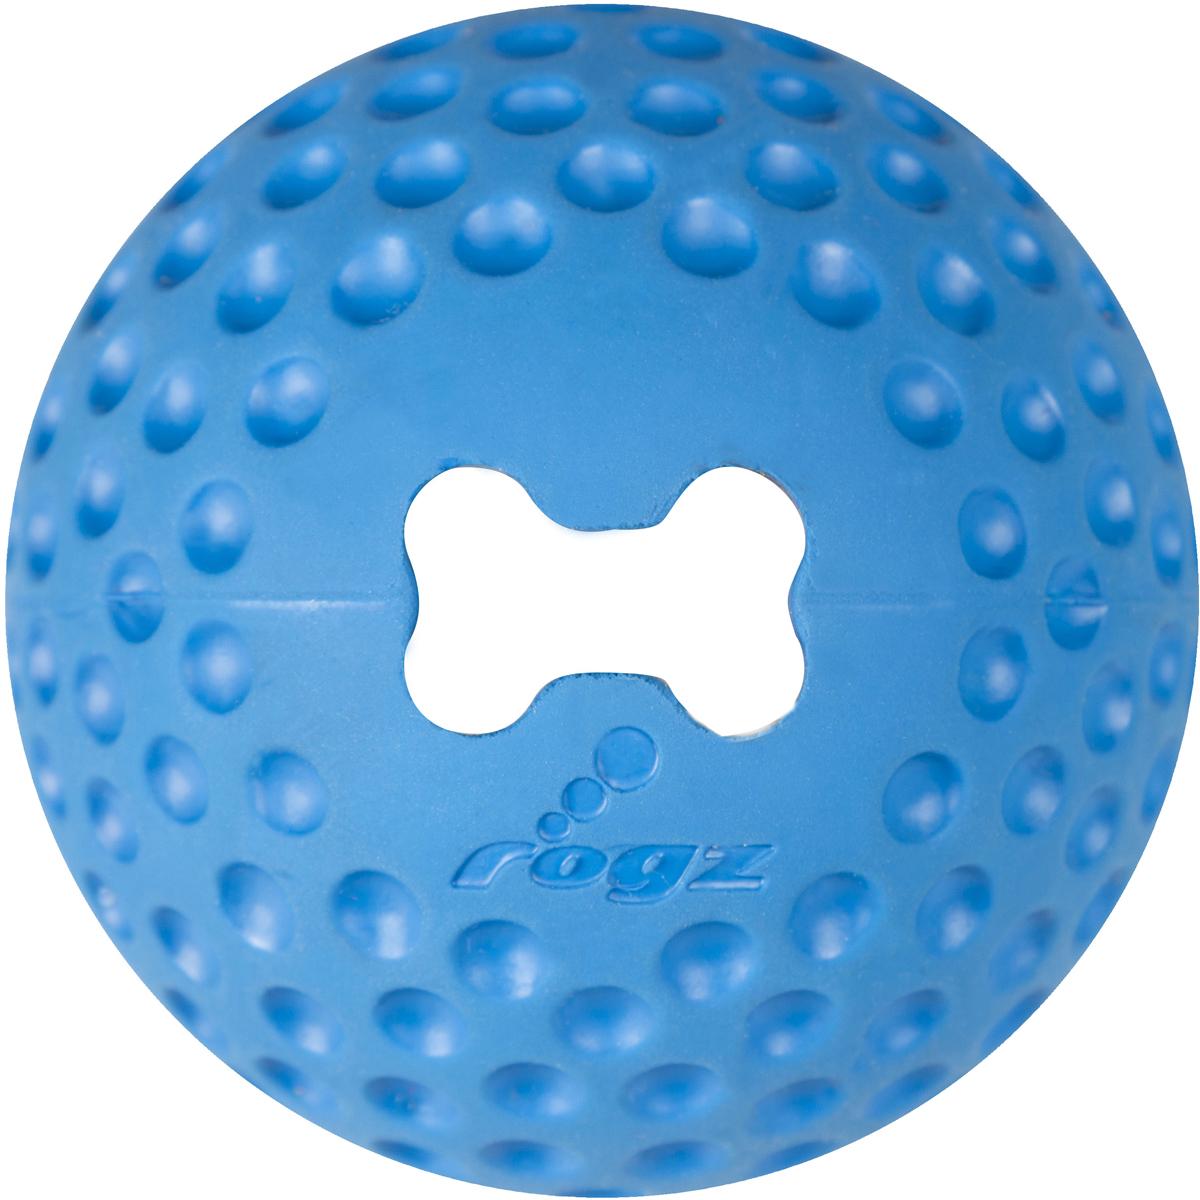 Игрушка для собак Rogz Gumz, с отверстием для лакомства, цвет: синий, диаметр 6,4 смGU02BИгрушка для собак Rogz Gumz тренирует жевательные мышцы и массирует десны собаке. Отлично подходит для дрессировки, так как есть отверстие для лакомства.Отлично подпрыгивает при играх.Занимательная игрушка выдерживает долгое жевание и разгрызание. Материал изделия: 85 % натуральной резины, 15 % синтетической резины. Не токсичен.